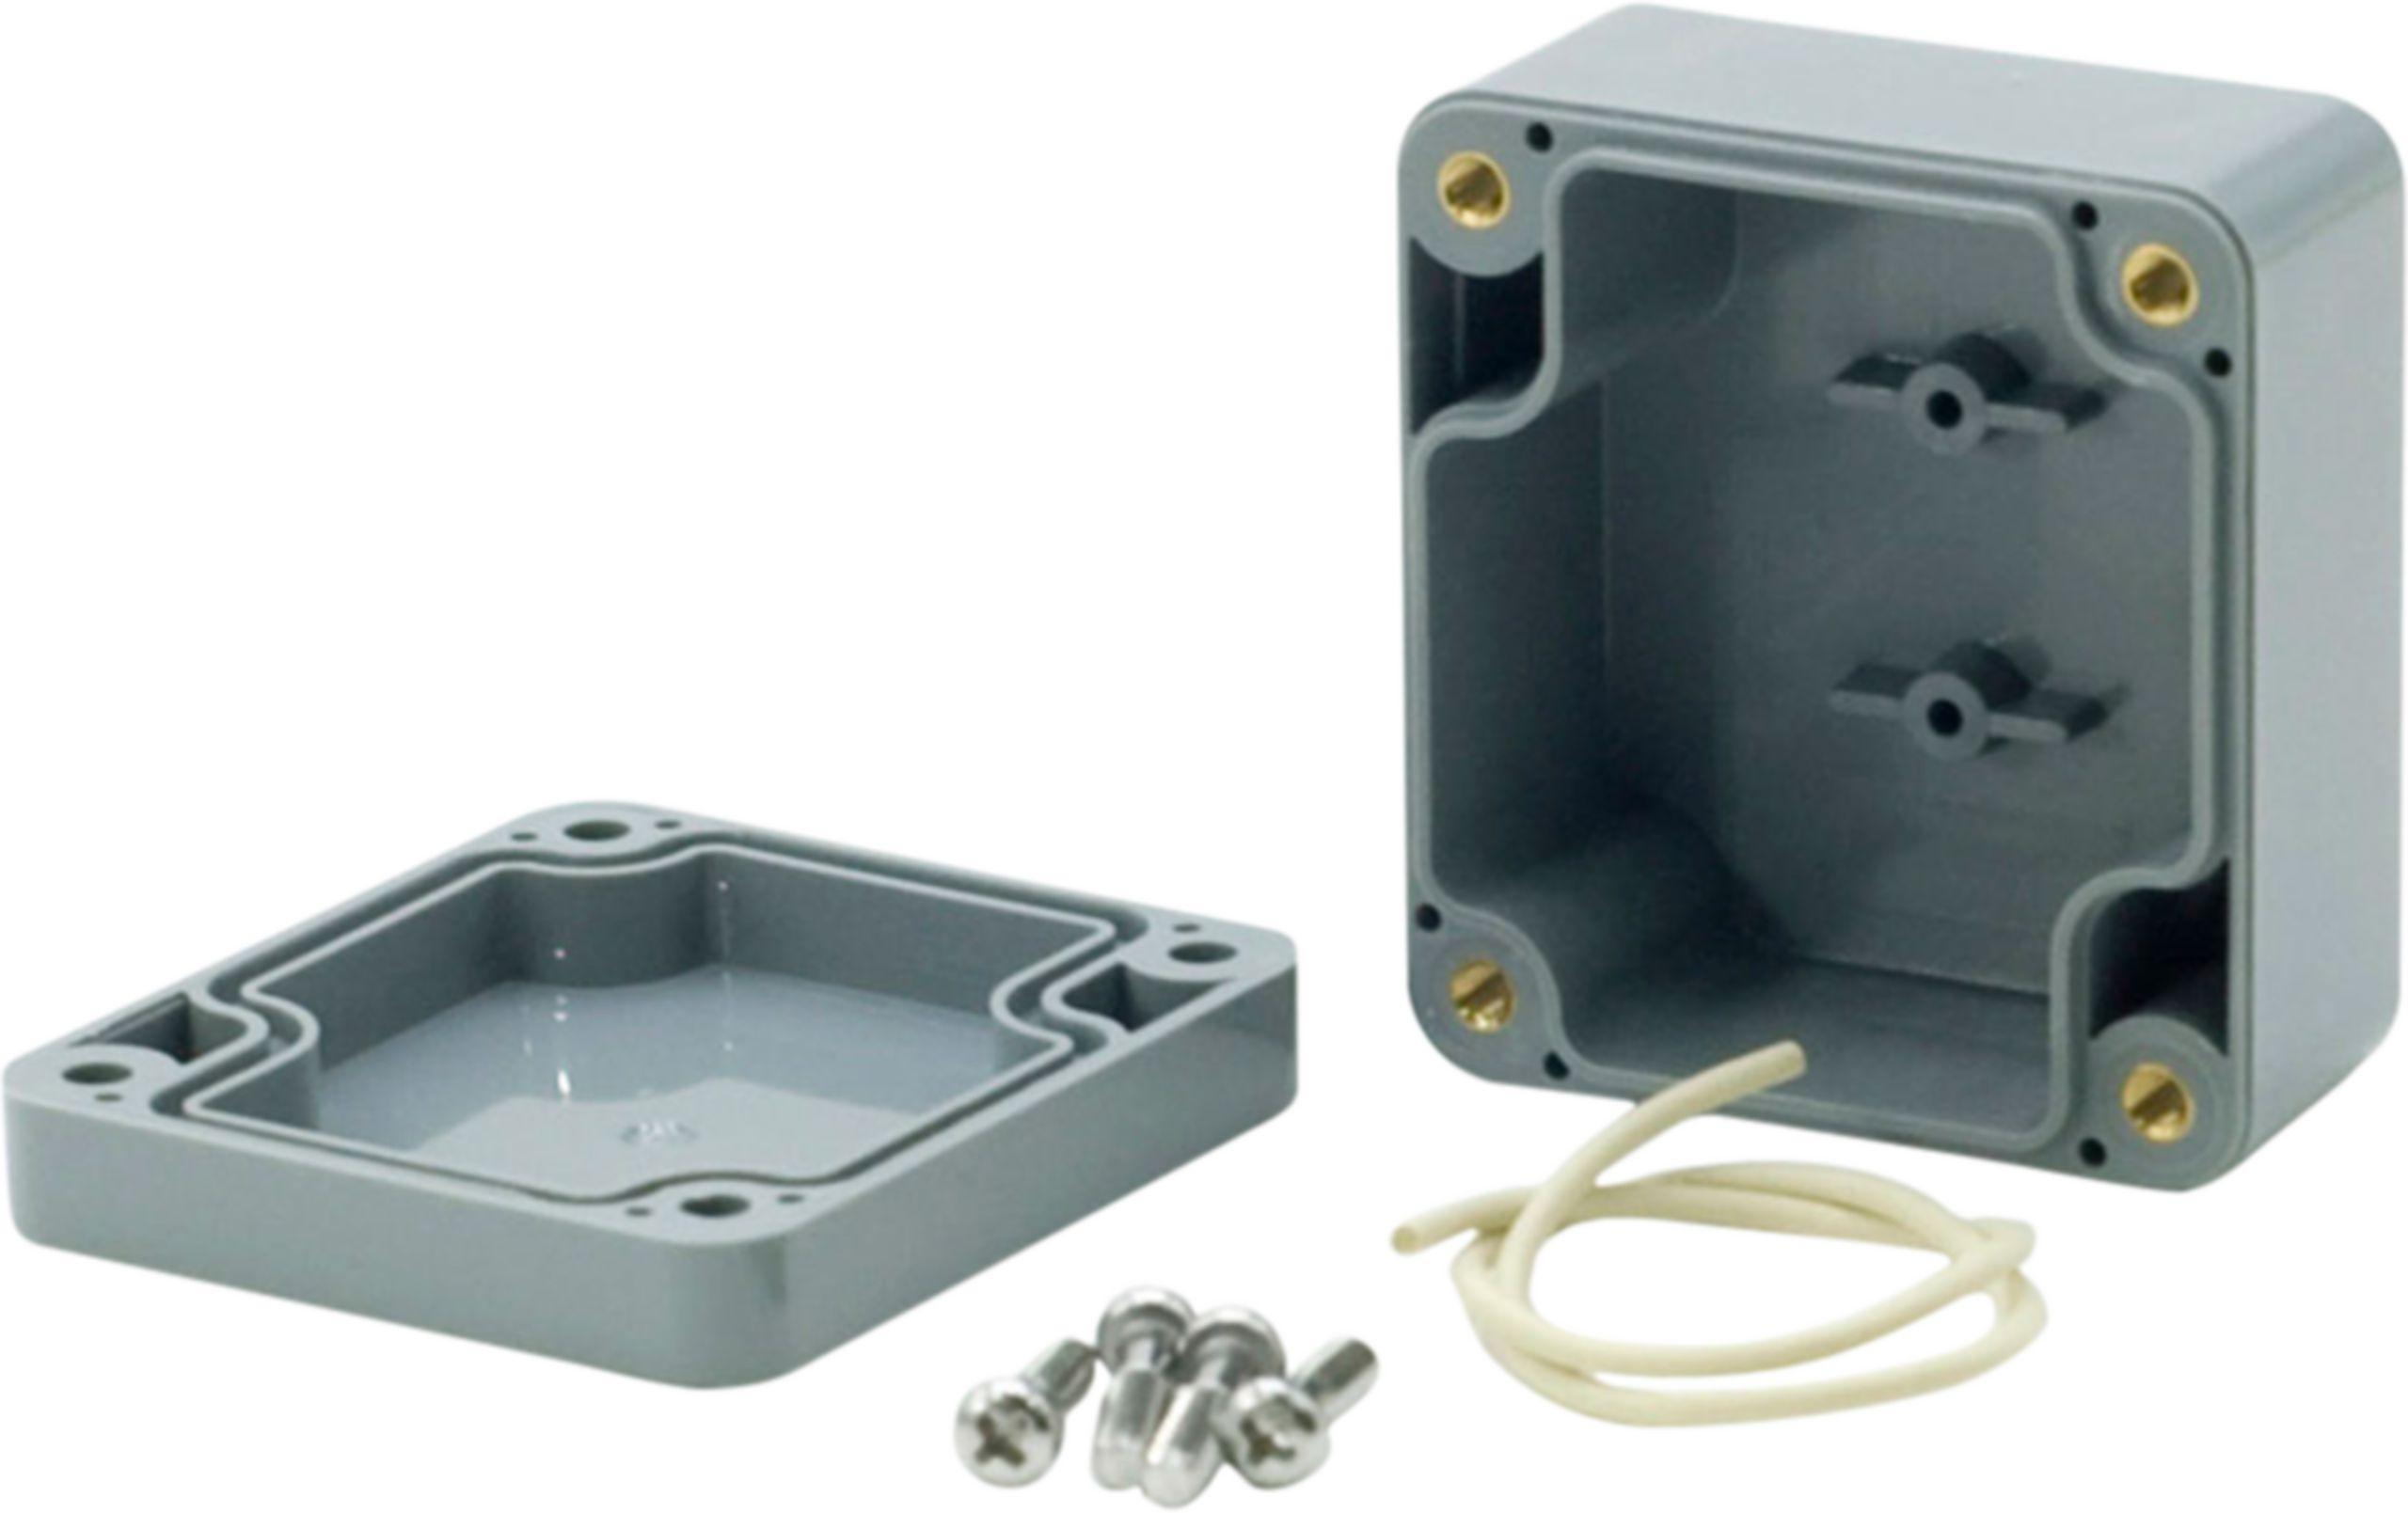 Krabička ABS plast, IP 65, tmavě šedá 115 x 90 x 80 mm